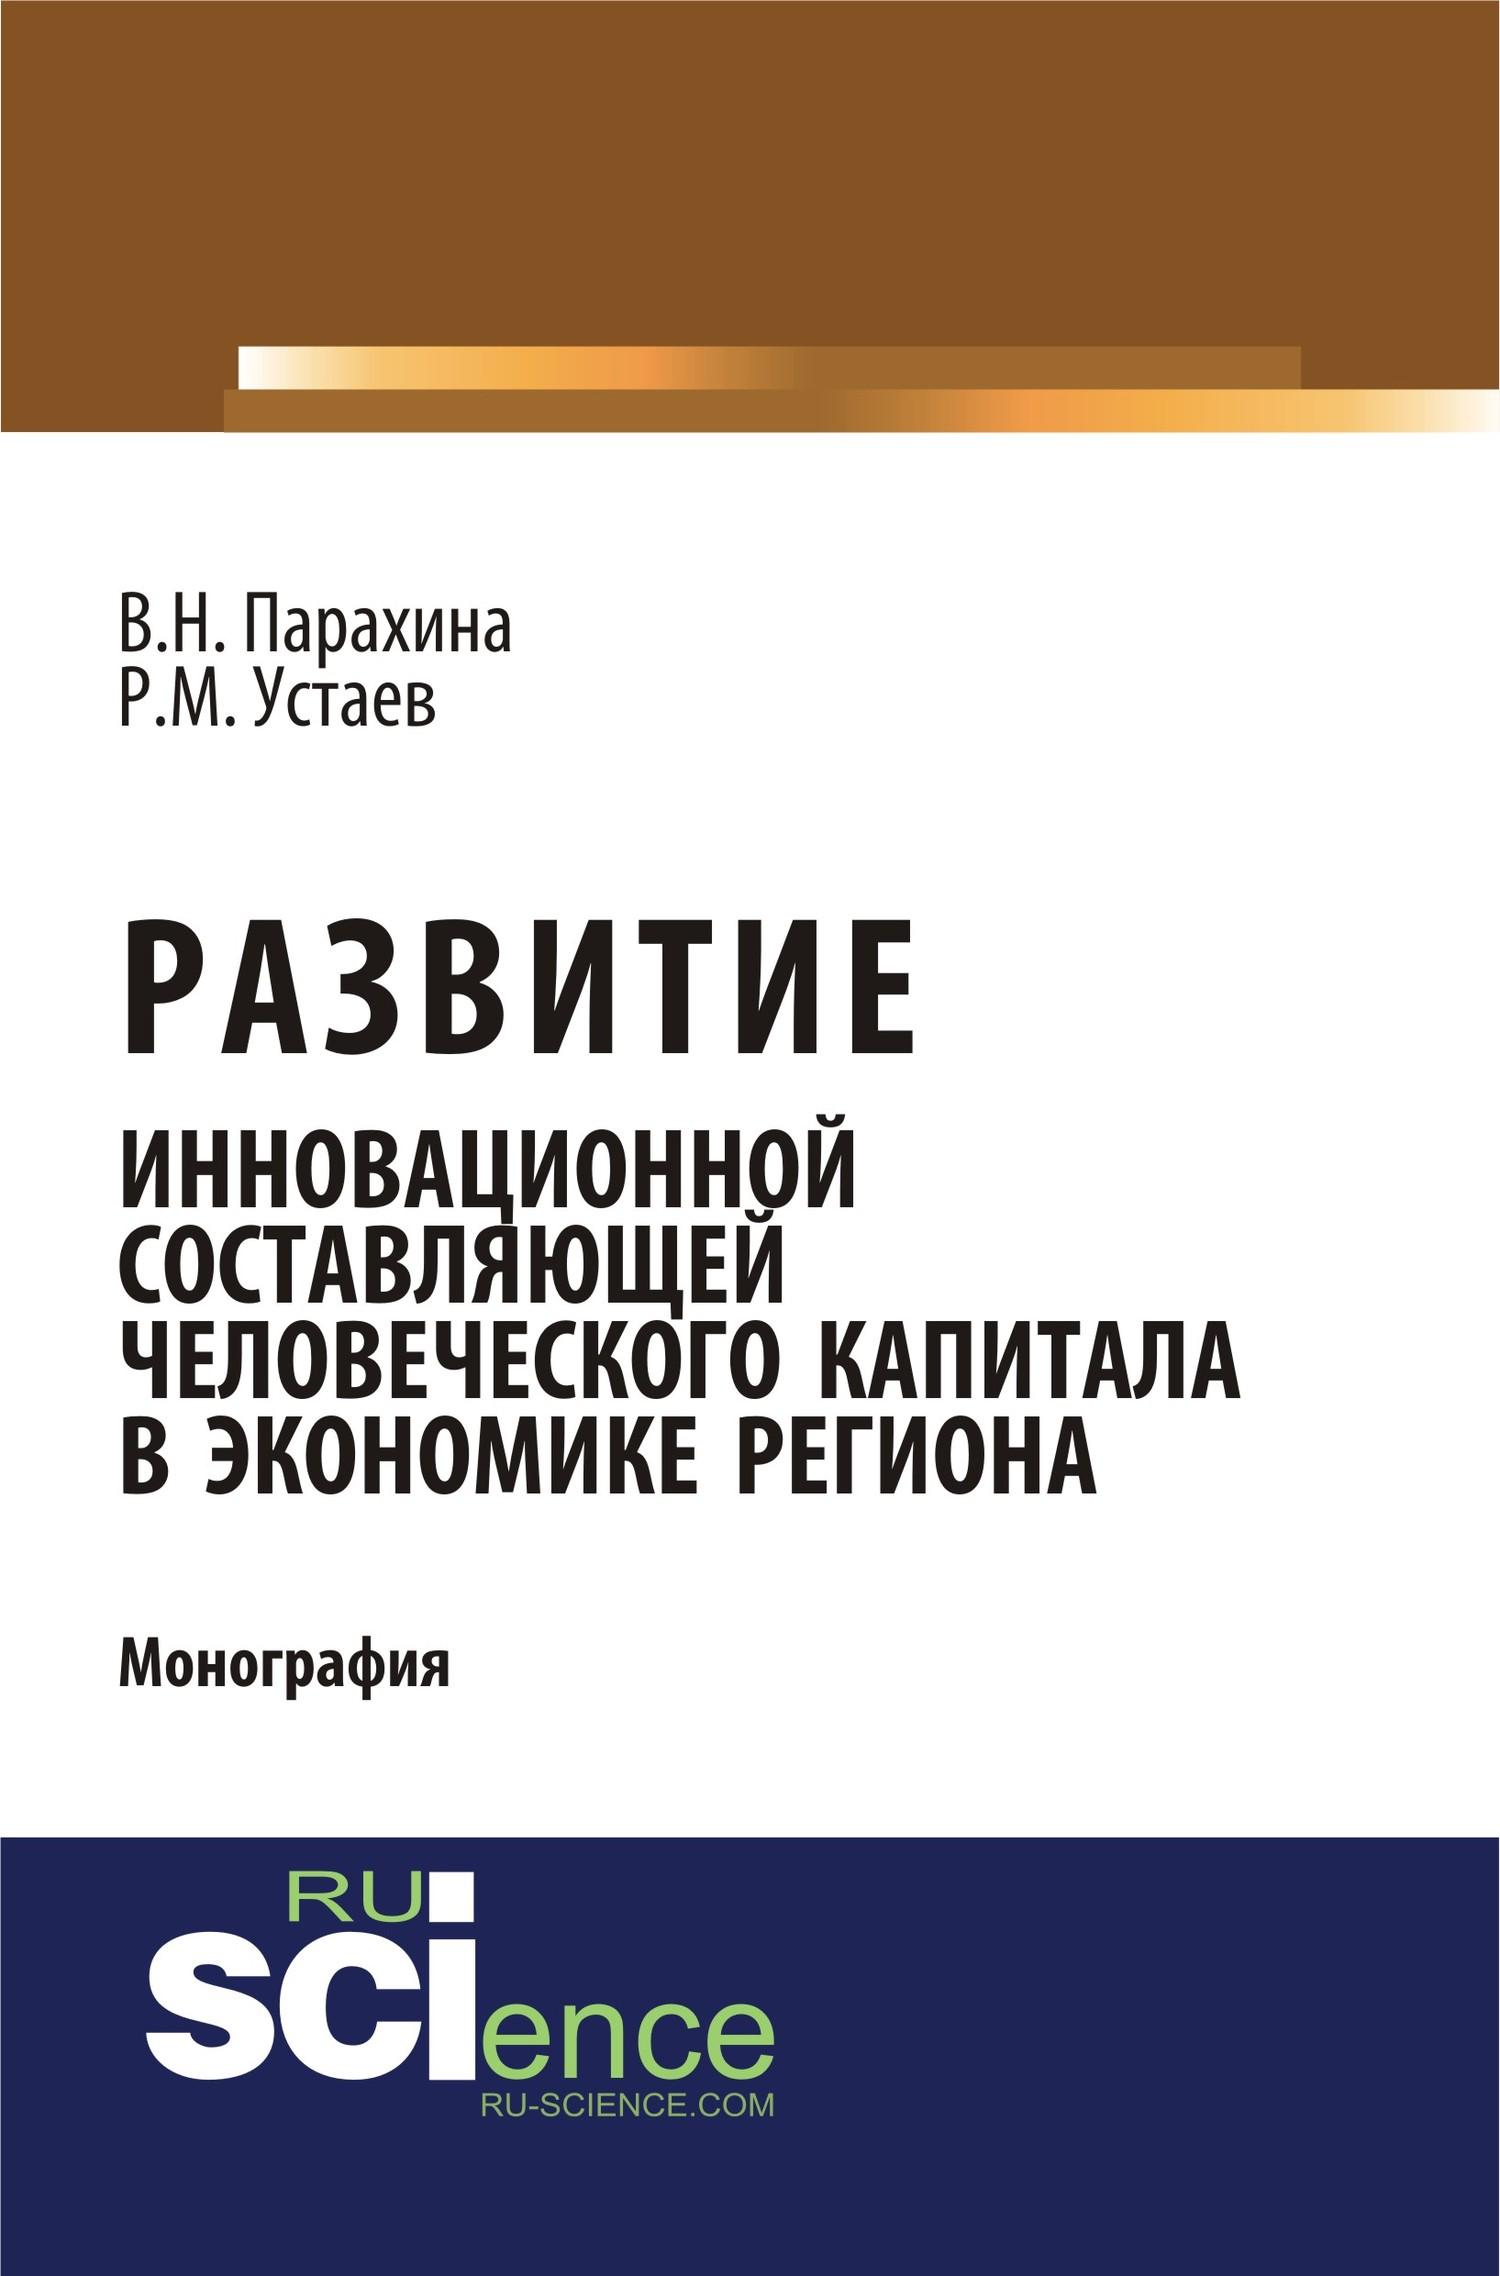 В. Н. Парахина Развитие инновационной составляющей человеческого капитала в экономике региона